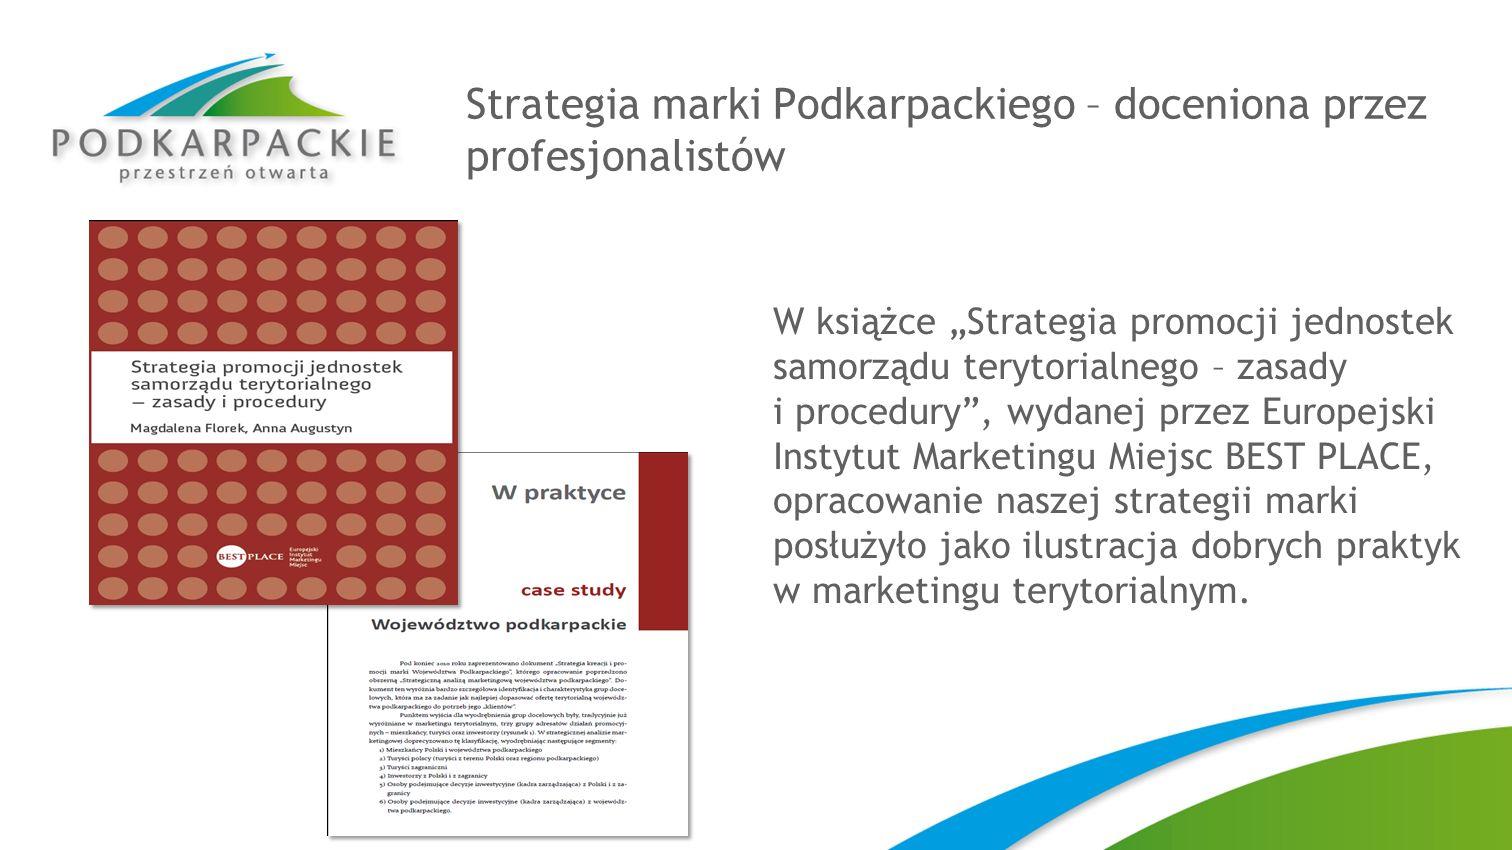 Strategia marki Podkarpackiego – doceniona przez profesjonalistów